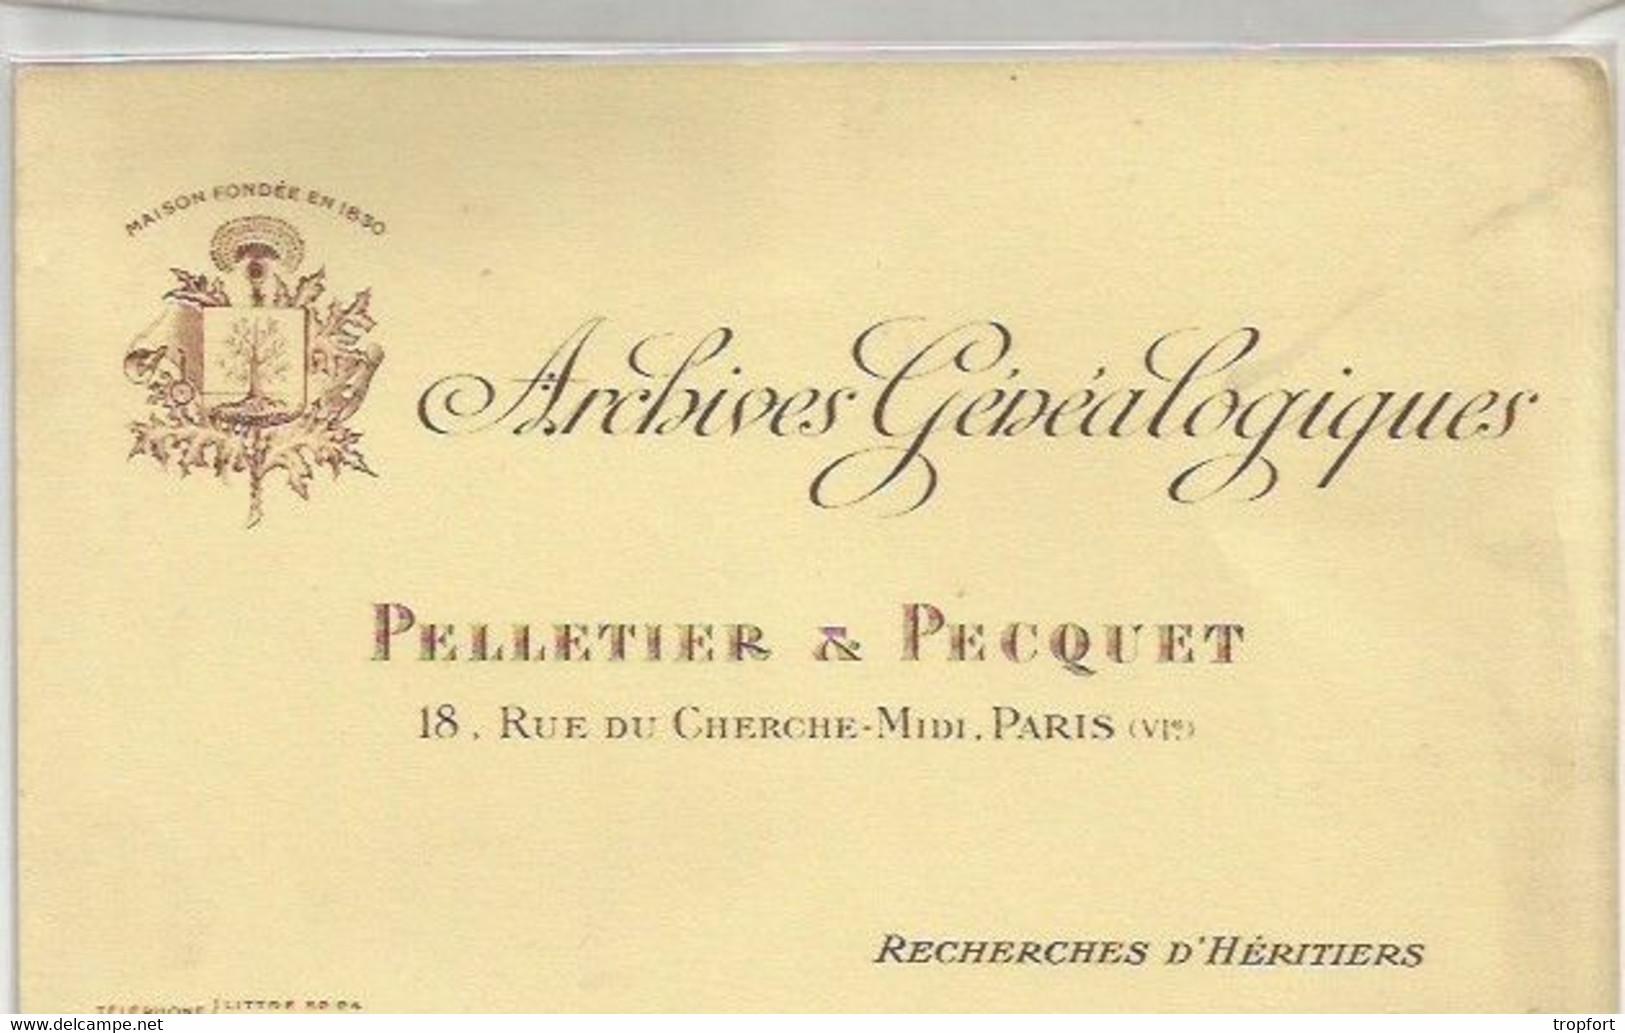 CK //  Old French Blotter  // BUVARD ARCHIVES GENEALOGIQUES  Pelletier Et Pecquet PARIS Généalogie - G